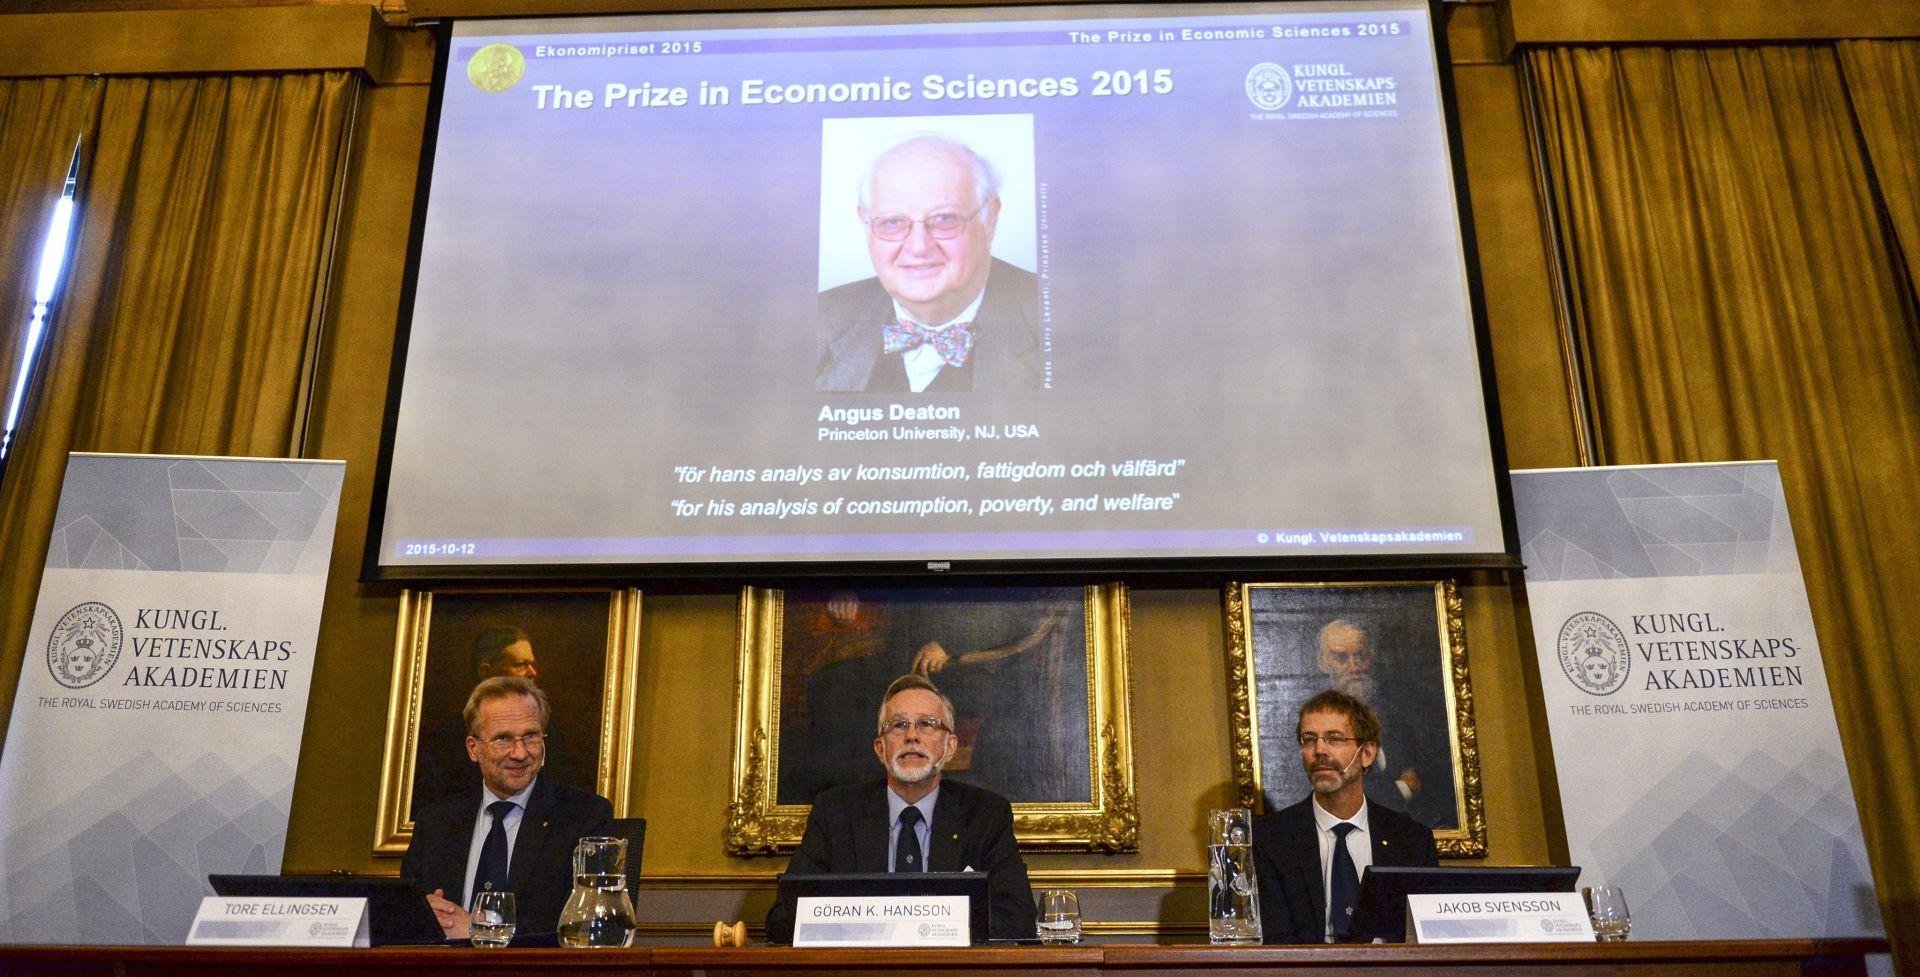 Britansko-američki ekonomist Angus Deaton dobitnik ovogodišnje Nobelove nagrade za ekonomiju